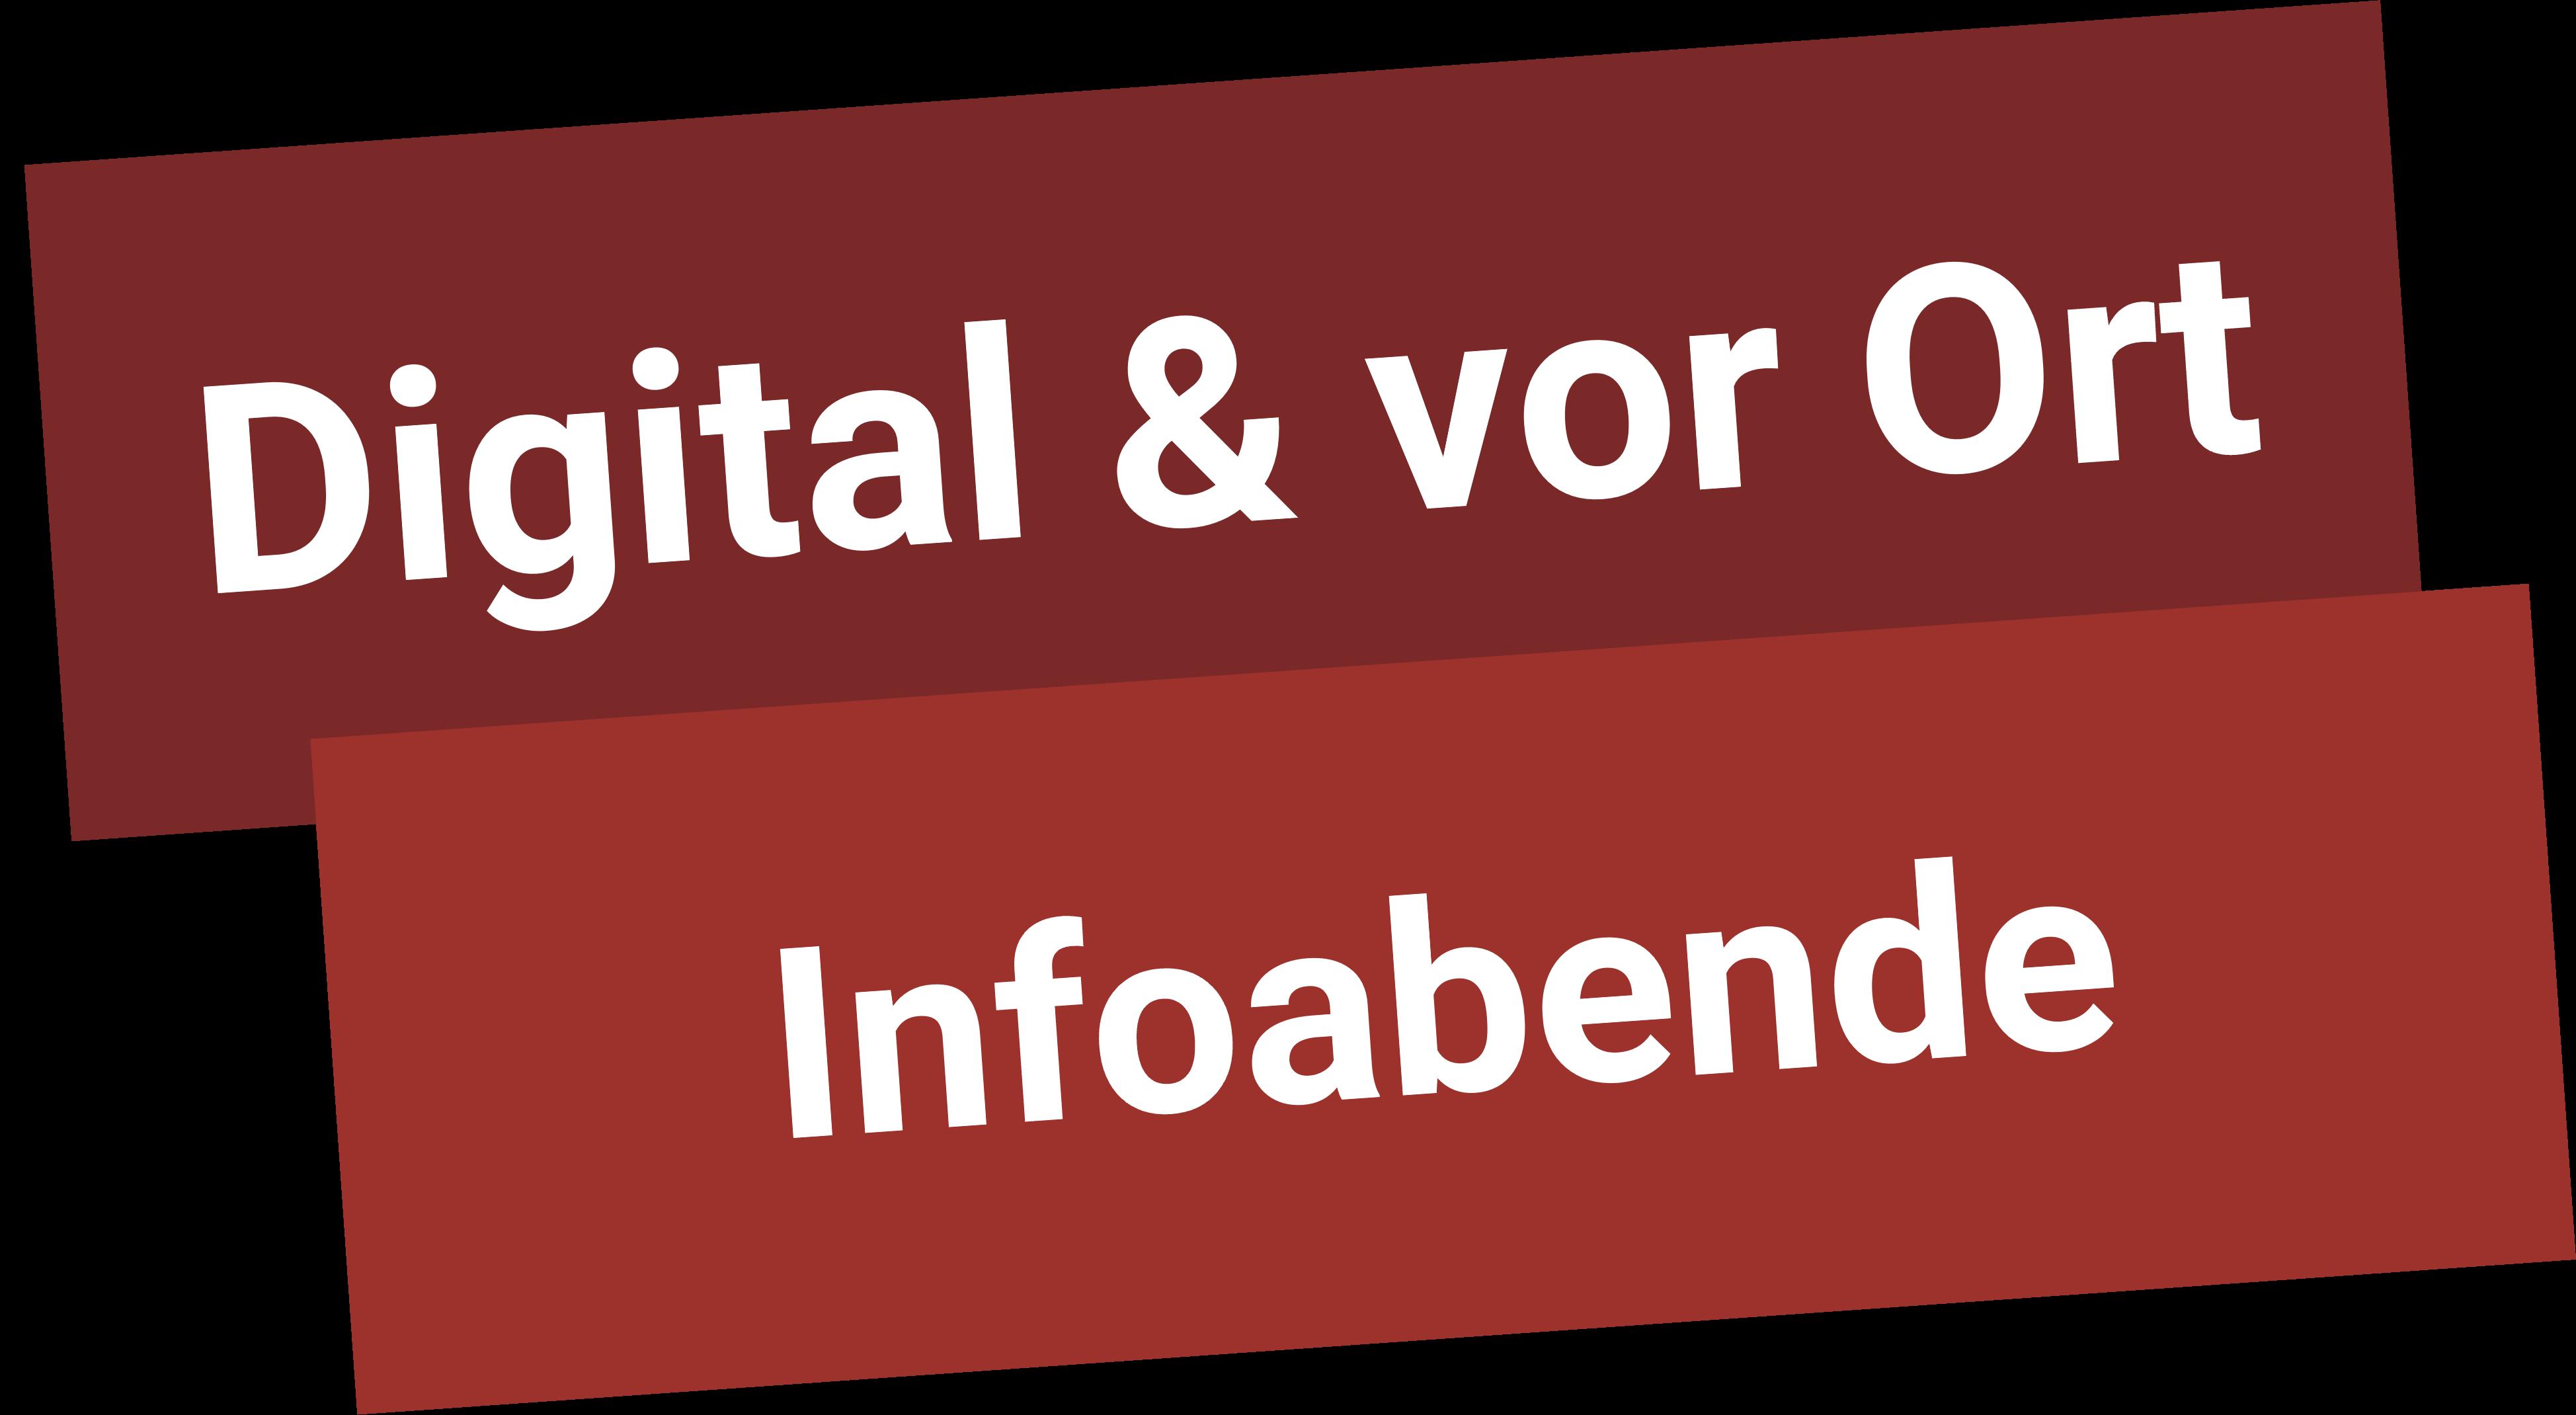 Banner_Infoabende